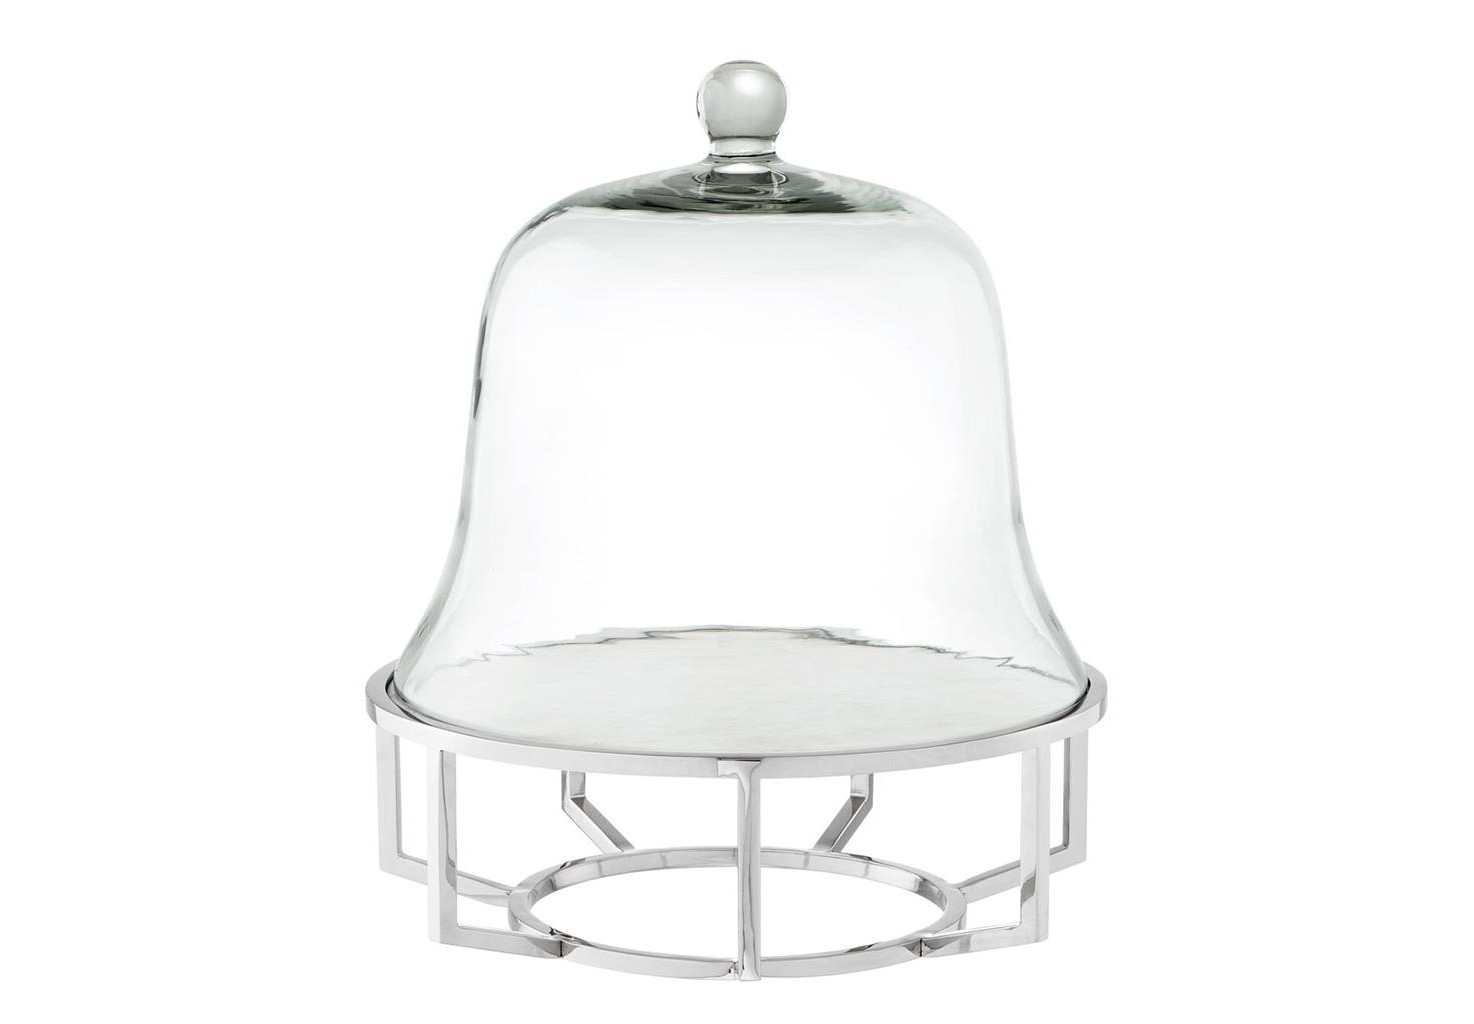 ПосудаПодставки и доски<br>Блюдо для выпечки Cake Stand Branners со стеклянной крышкой. Основа из никелированного металла с подносом из белого мрамора.<br><br>Material: Стекло<br>Высота см: 42